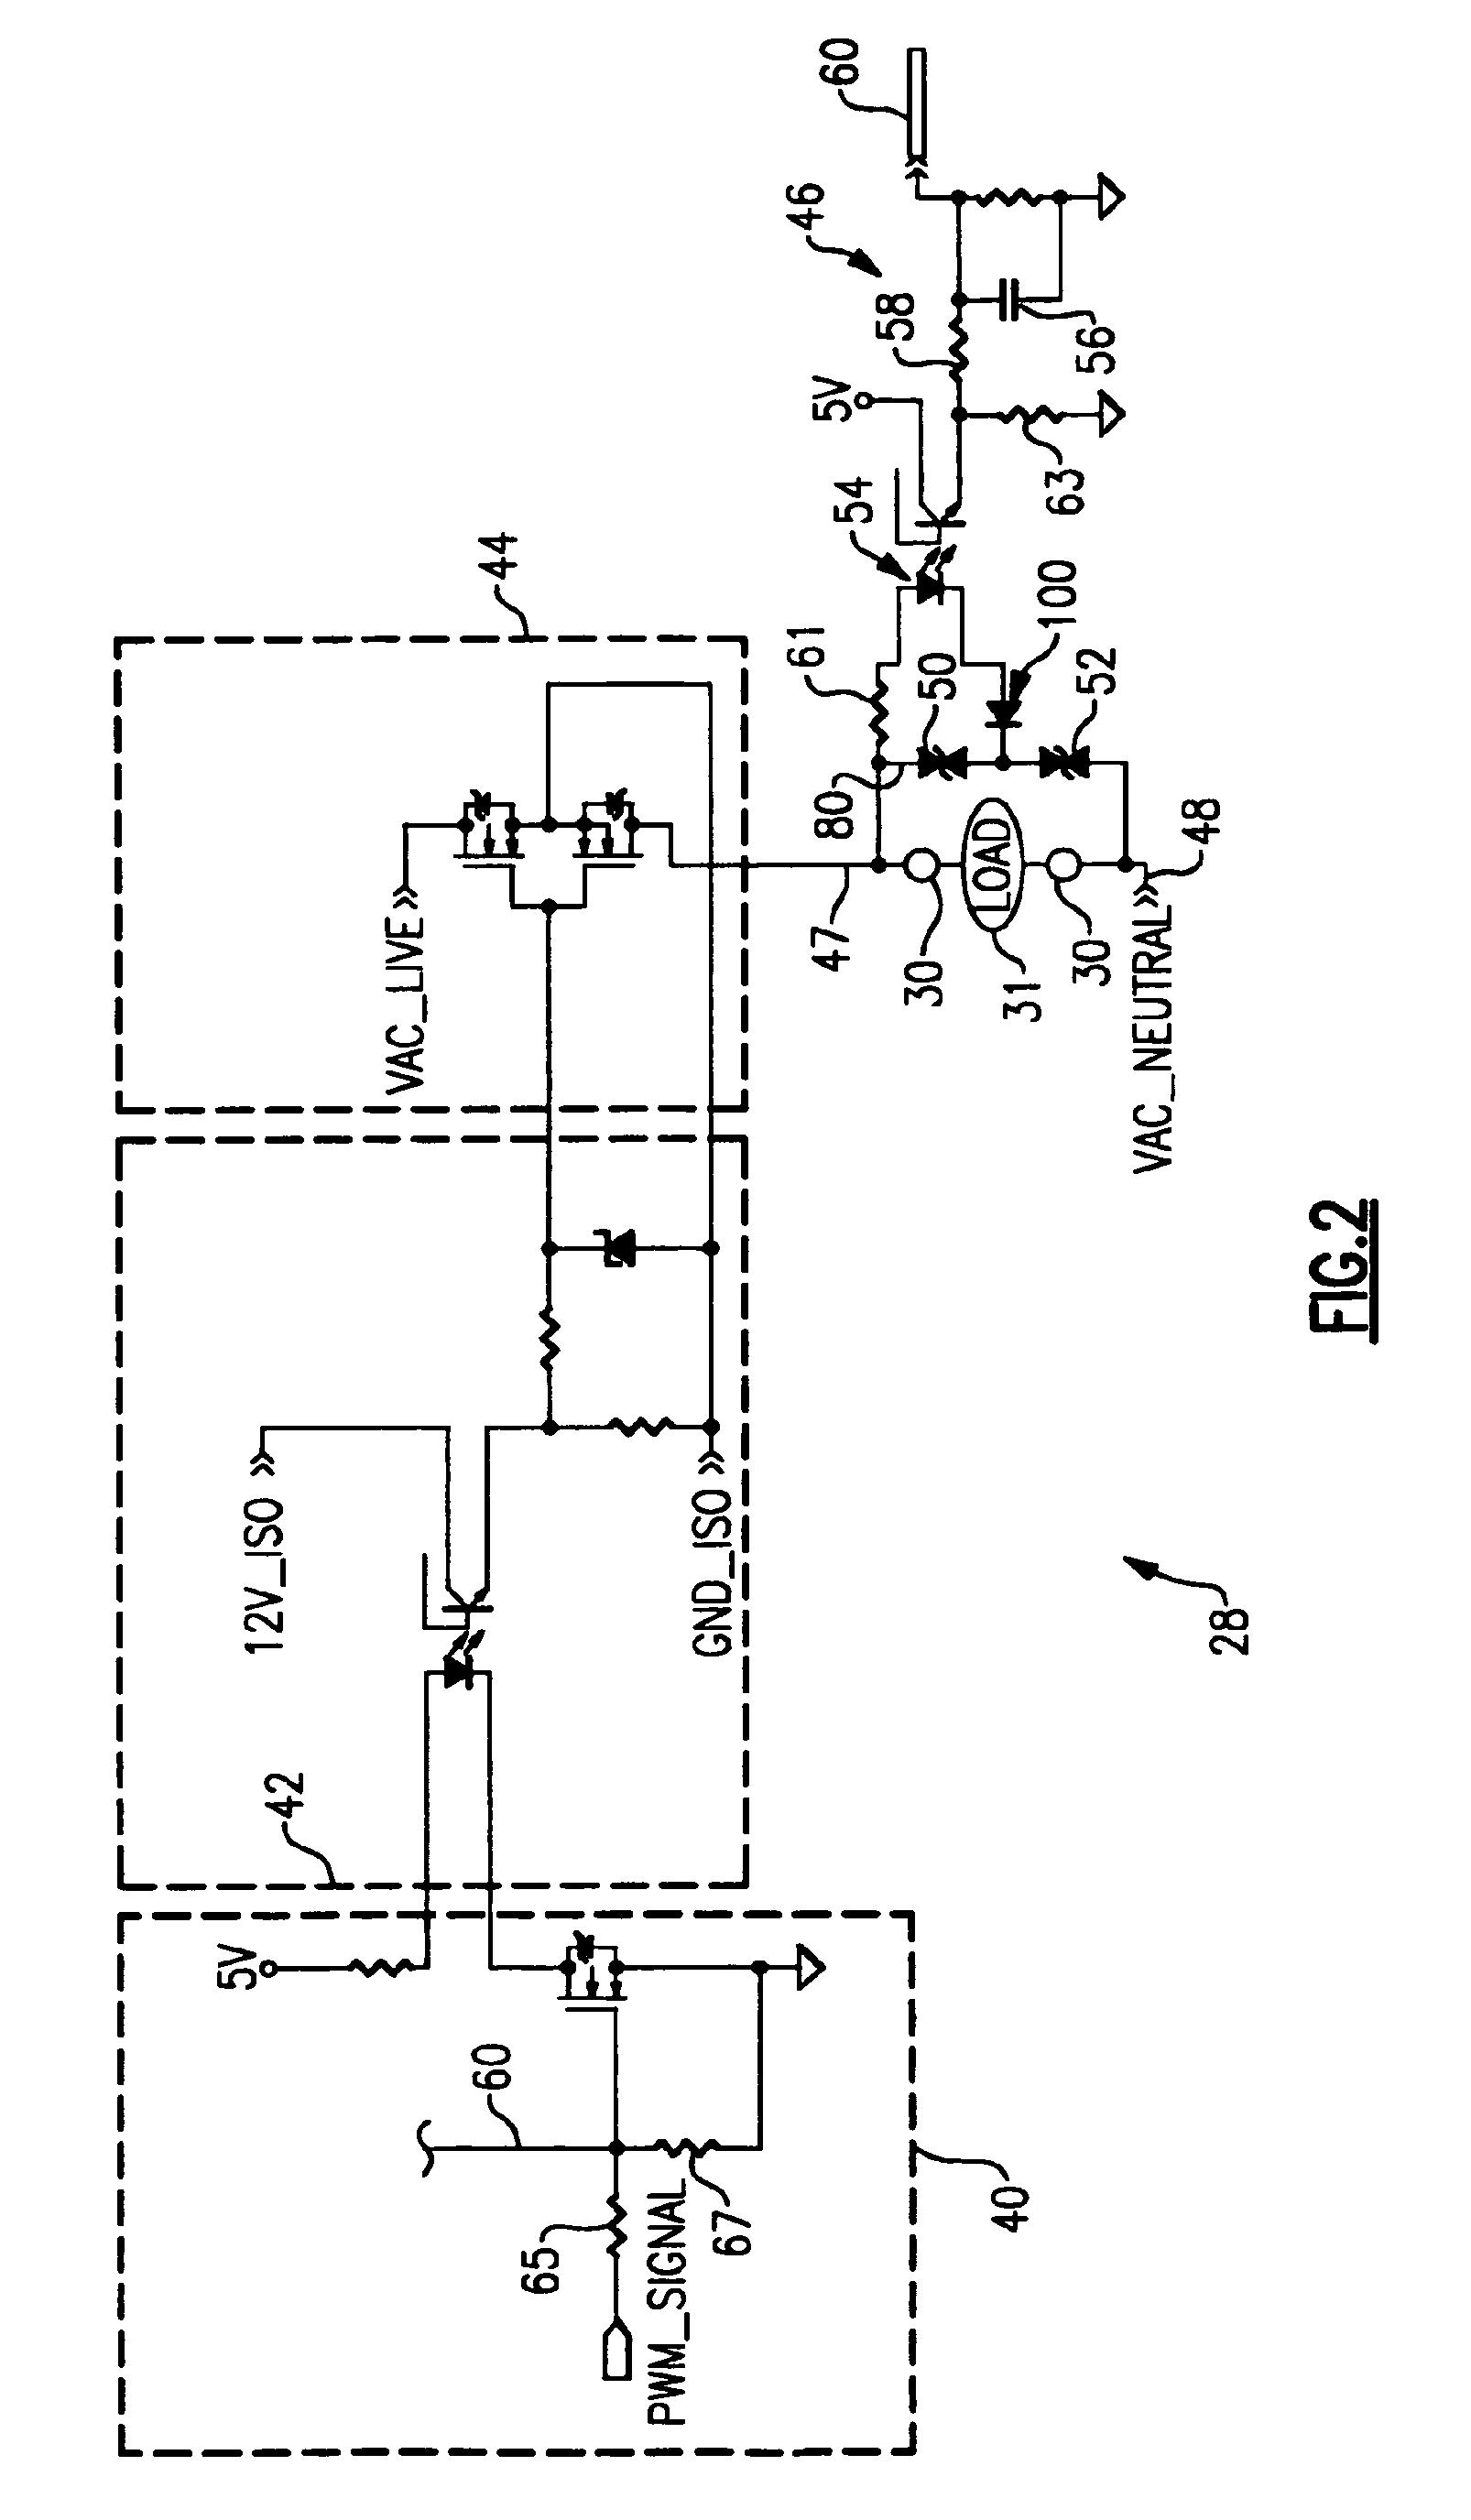 Peterbilt Truck Wiring Schematics